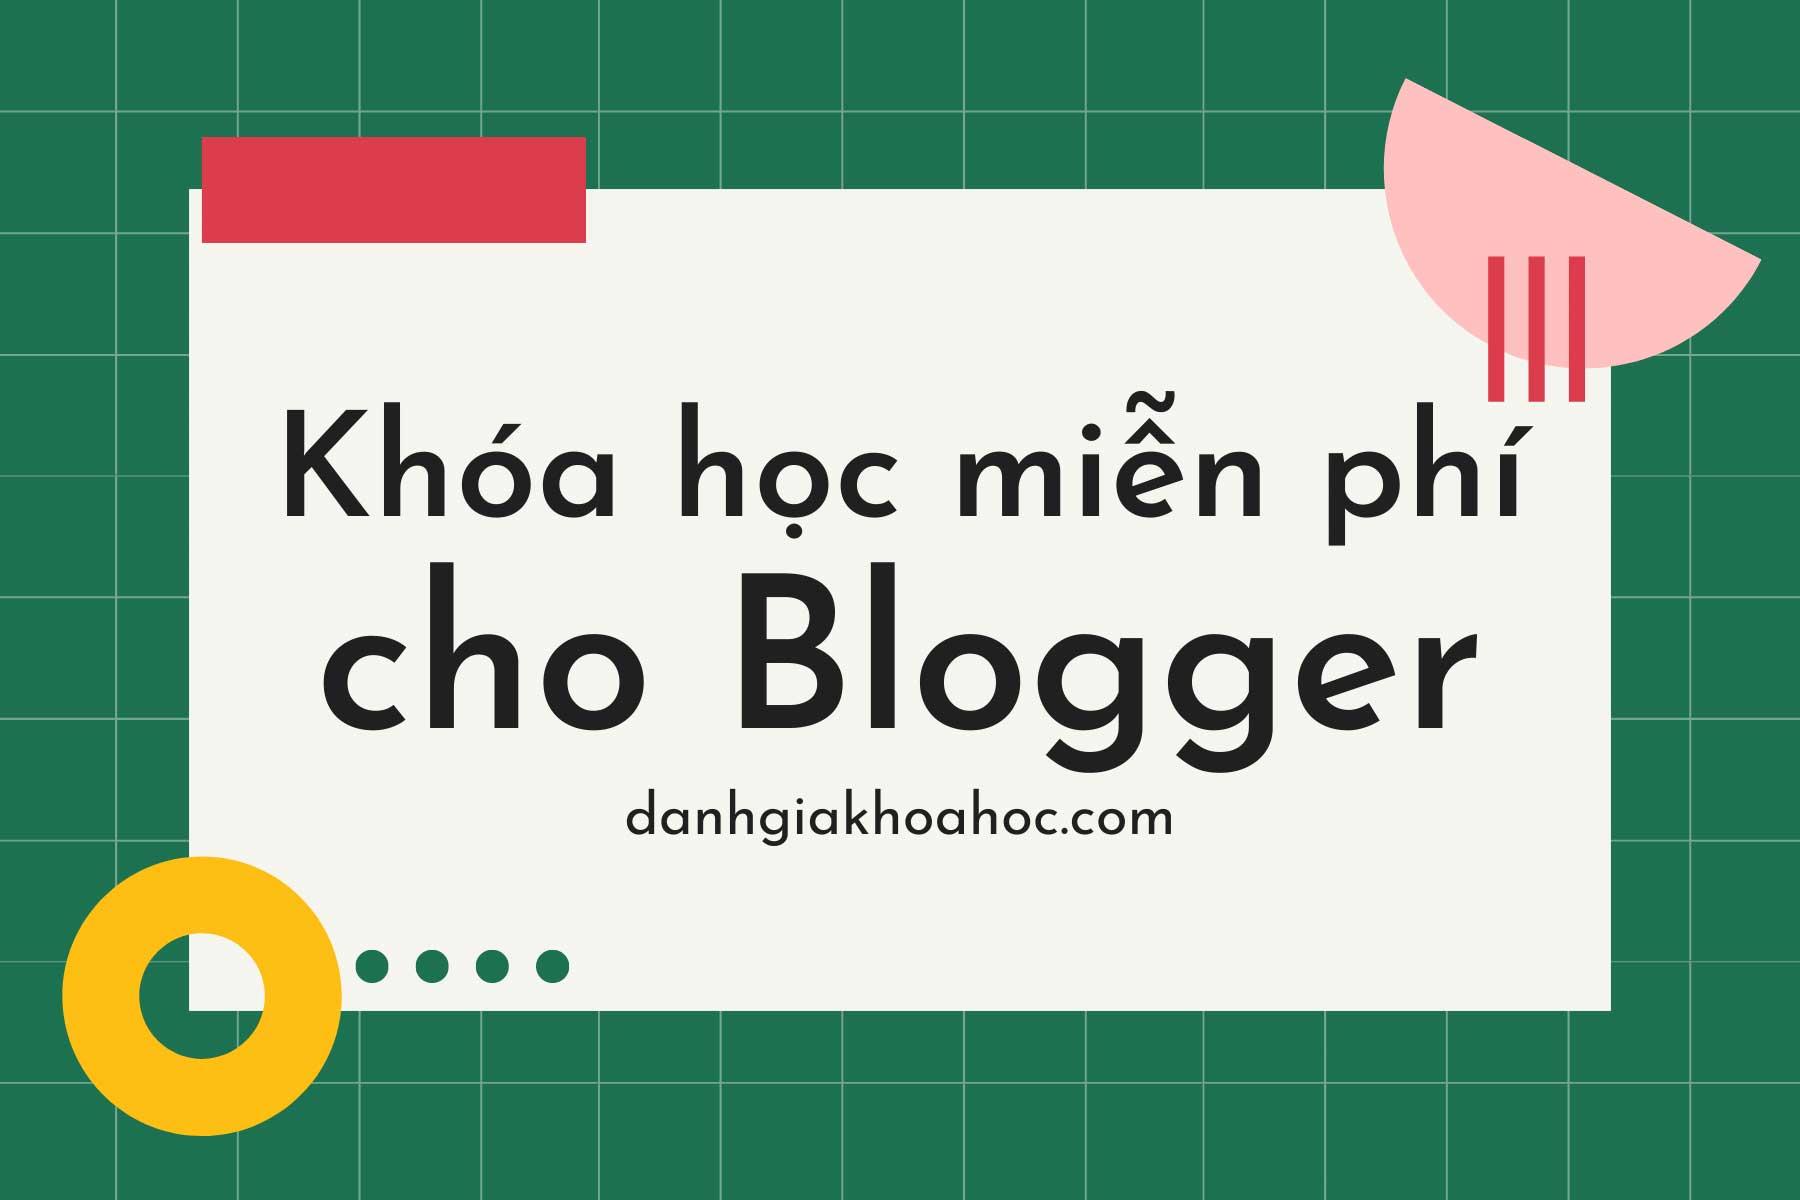 8 khóa học miễn phí cực chất dành cho Blogger